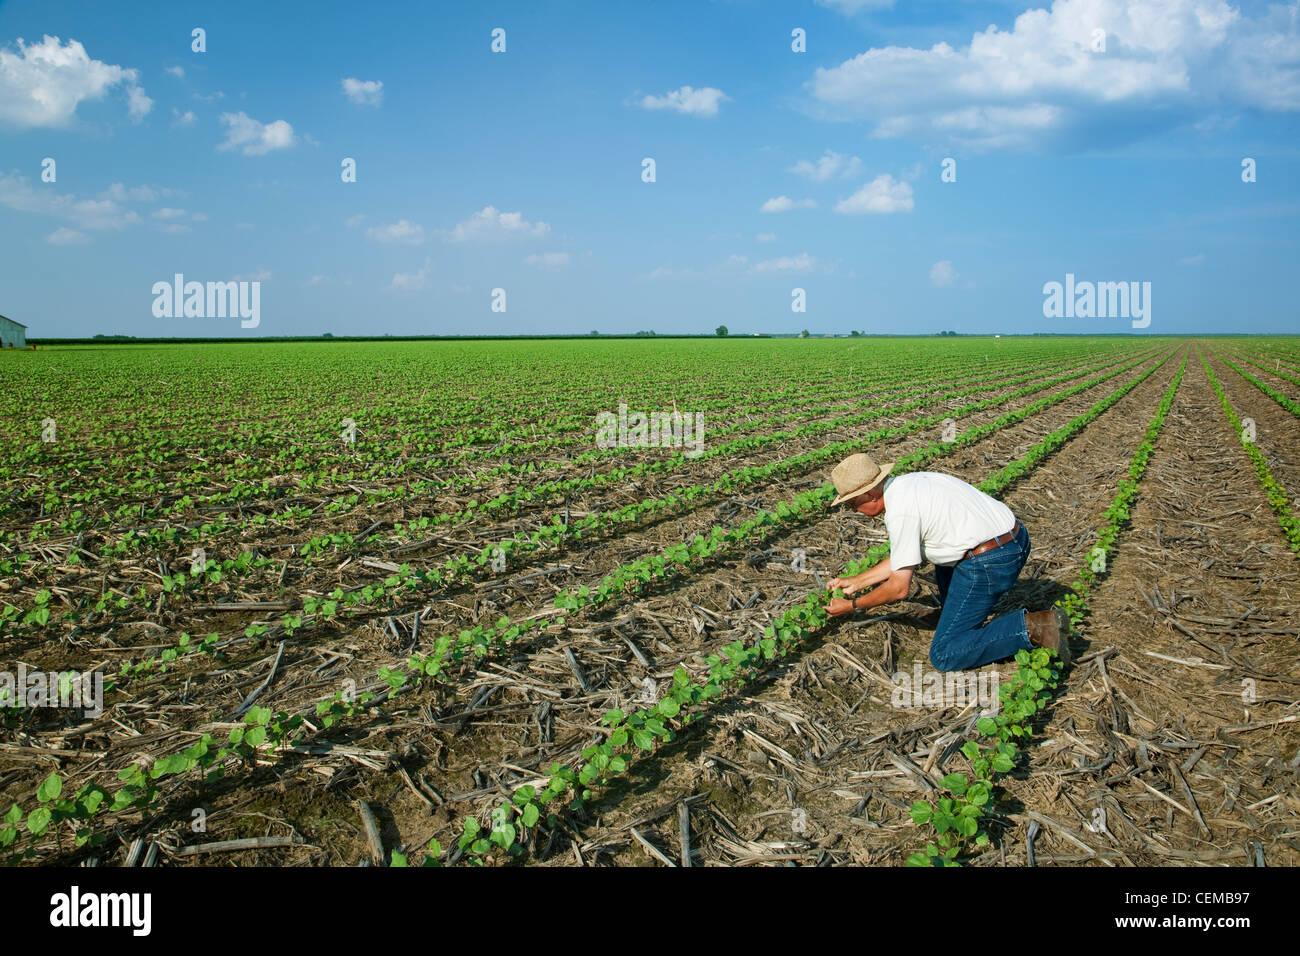 Un consulente di raccolto ispeziona un early growth no-till il cotone raccolto a 3-4 vero stadio fogliare ad inizio Immagini Stock